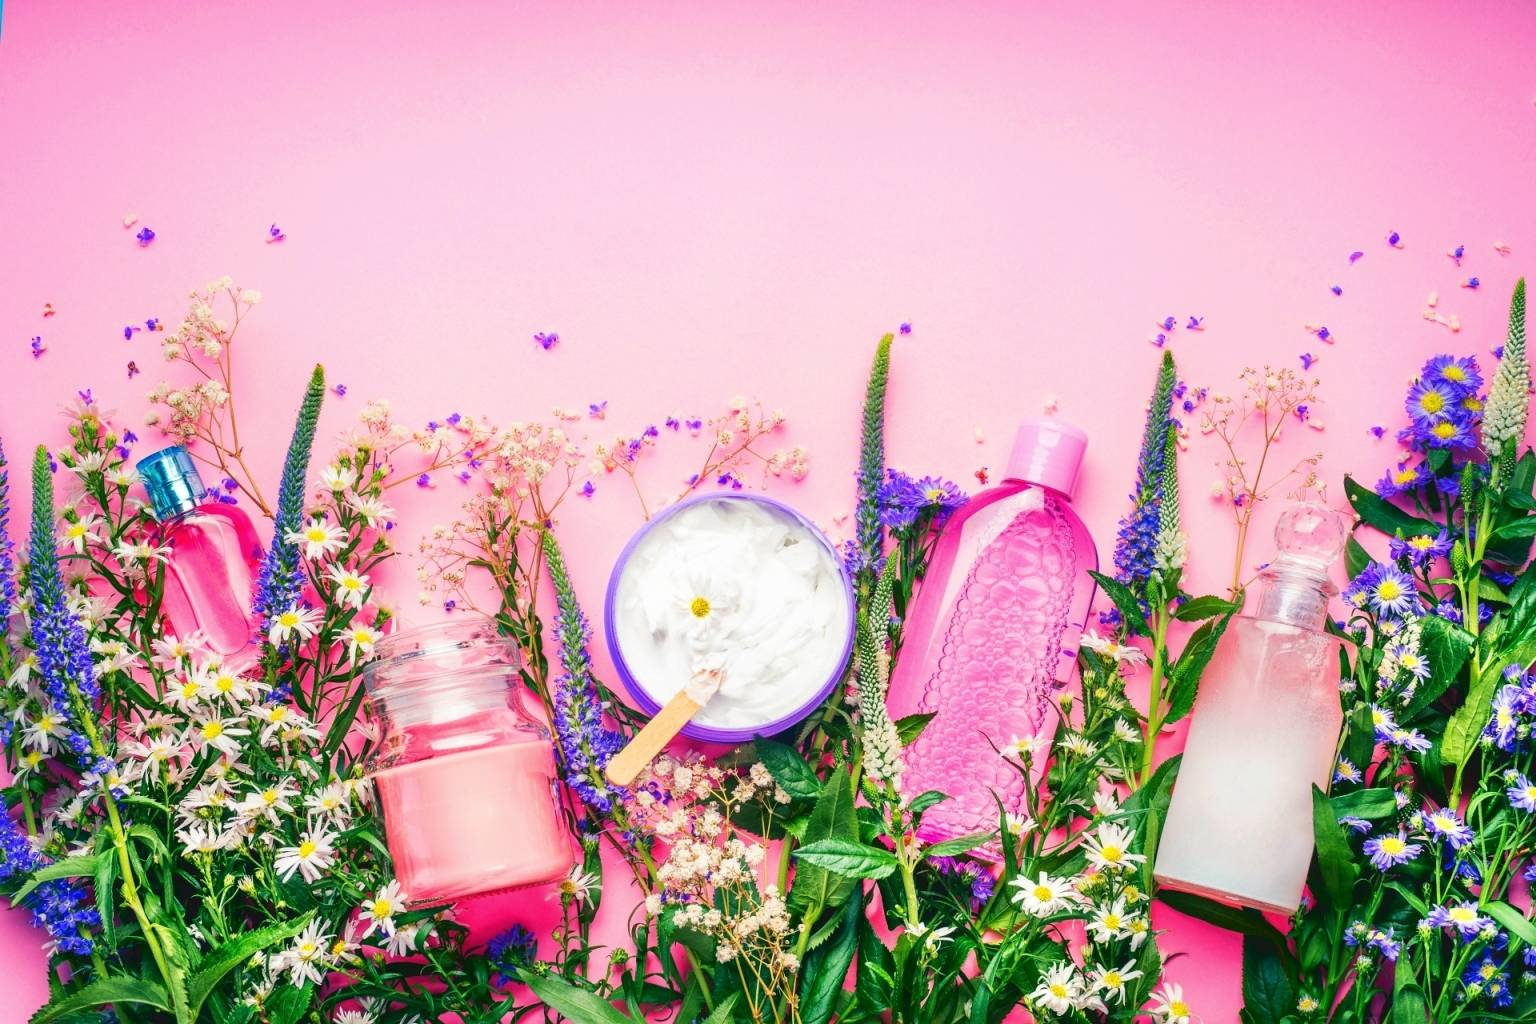 Jak czytać skład kosmetyków? Które substancje zawarte w kremach, lakierach, szamponach czy pastach do zębów są toksyczne i niebezpieczne dla zdrowia? Kosmetyki w kolorowych opakowaniach i kwiaty na różowym tle.